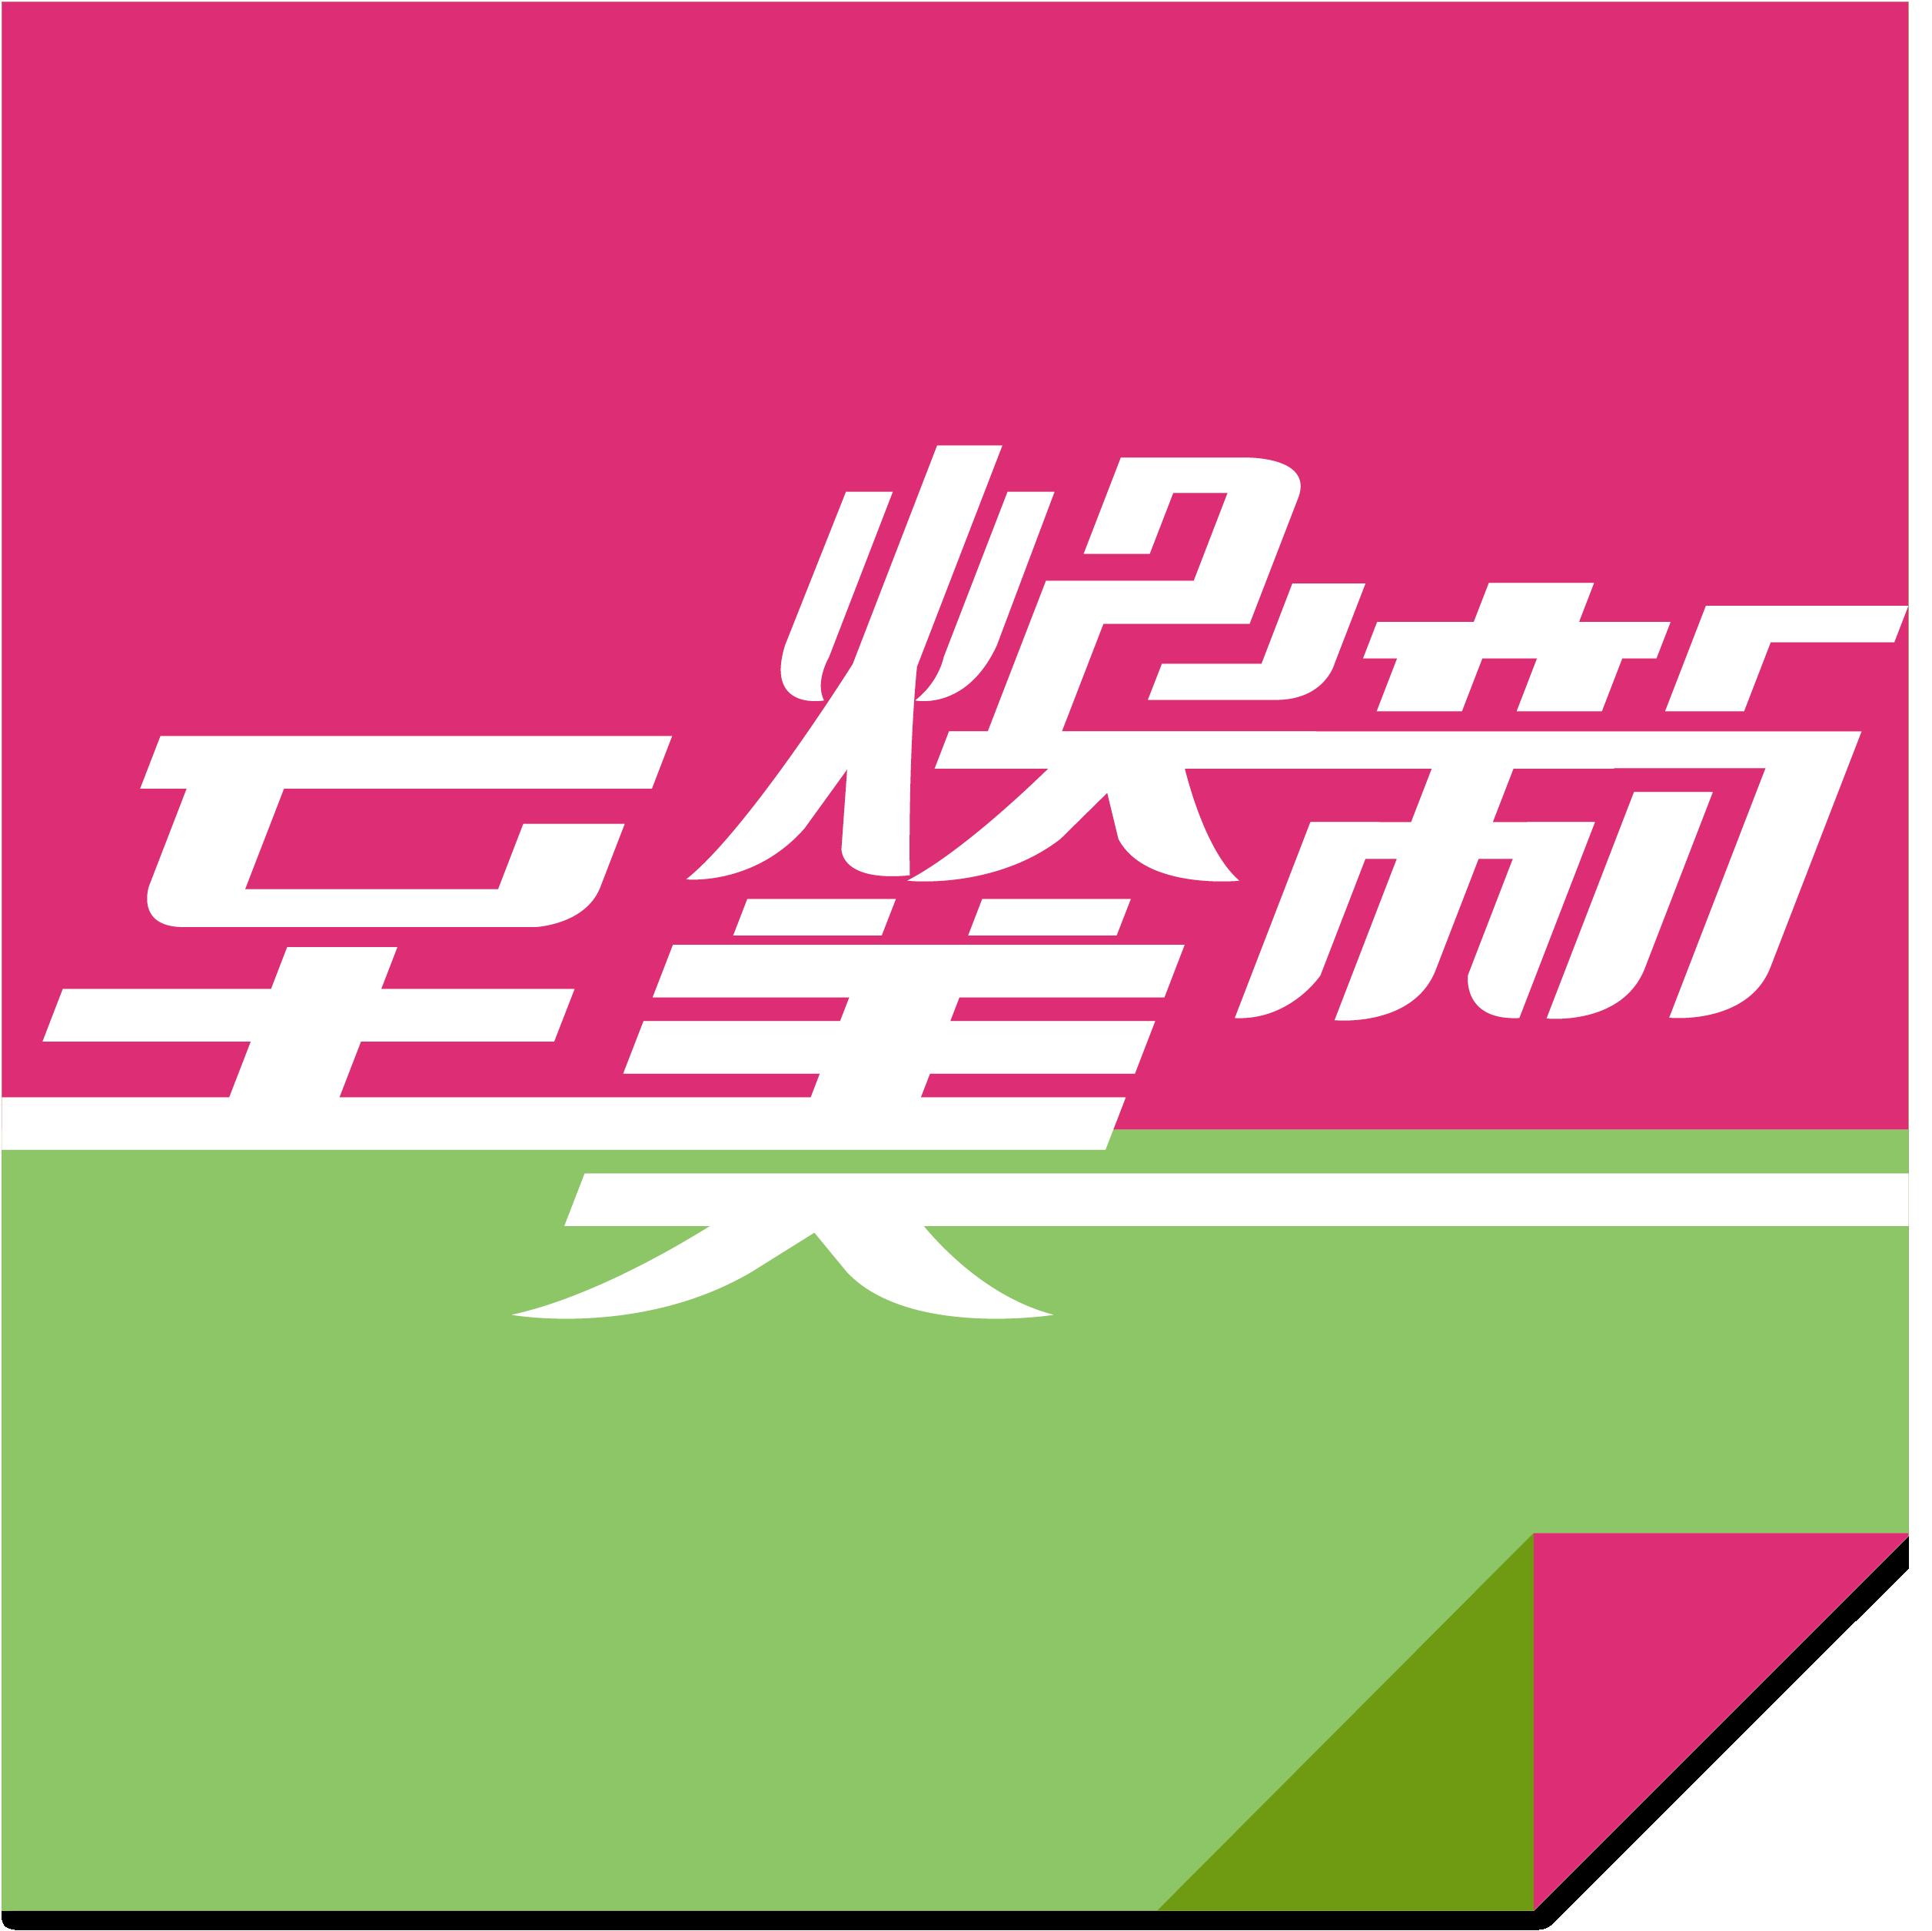 杭州至美焕新网络技术有限公司 - 杭州装修公司